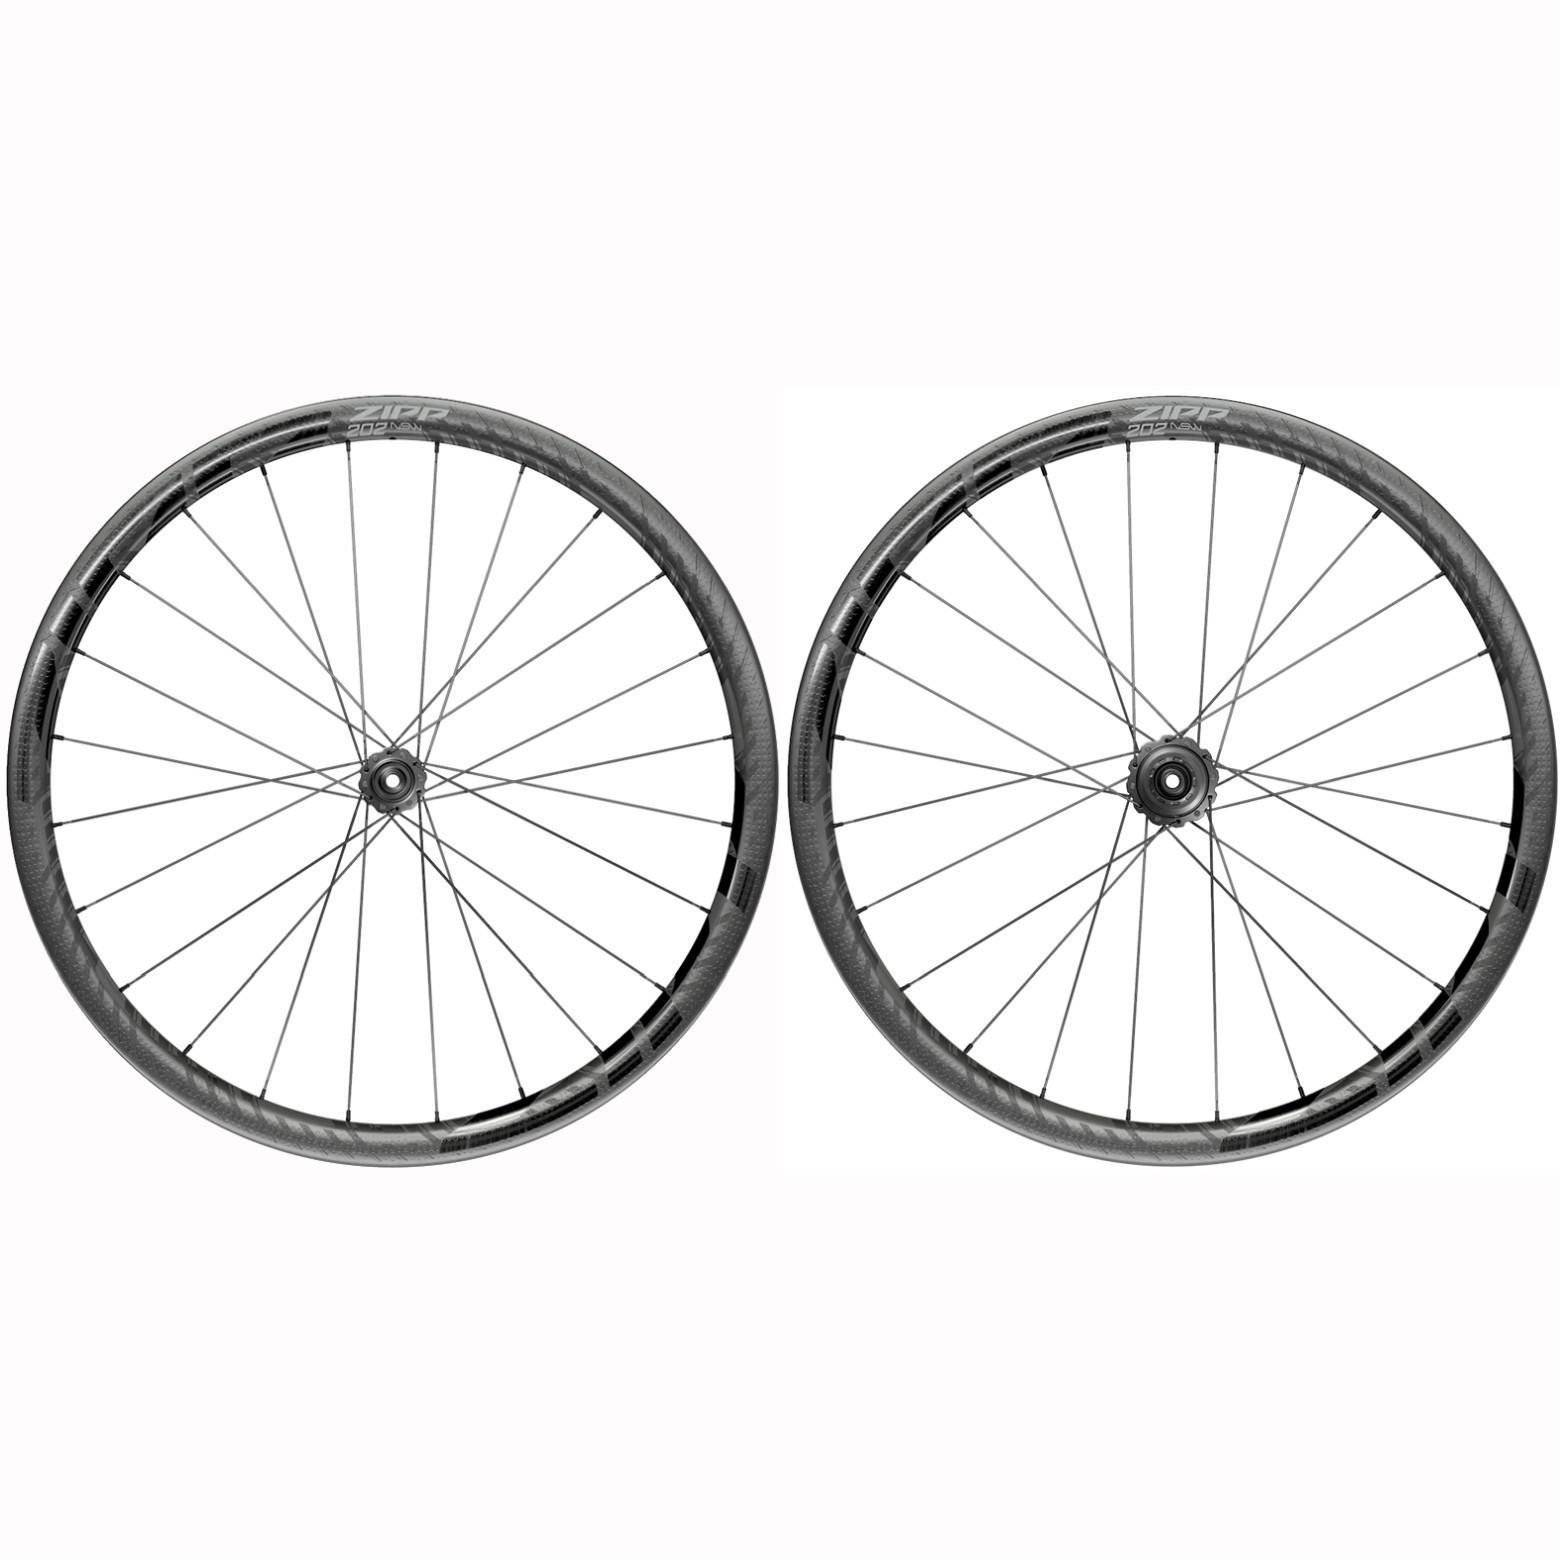 ZIPP 202 NSW Carbon Laufradsatz - Drahtreifen - Centerlock - VR: 12x100mm | HR: 12x142mm - Shimano/SRAM 10/11f - schwarz